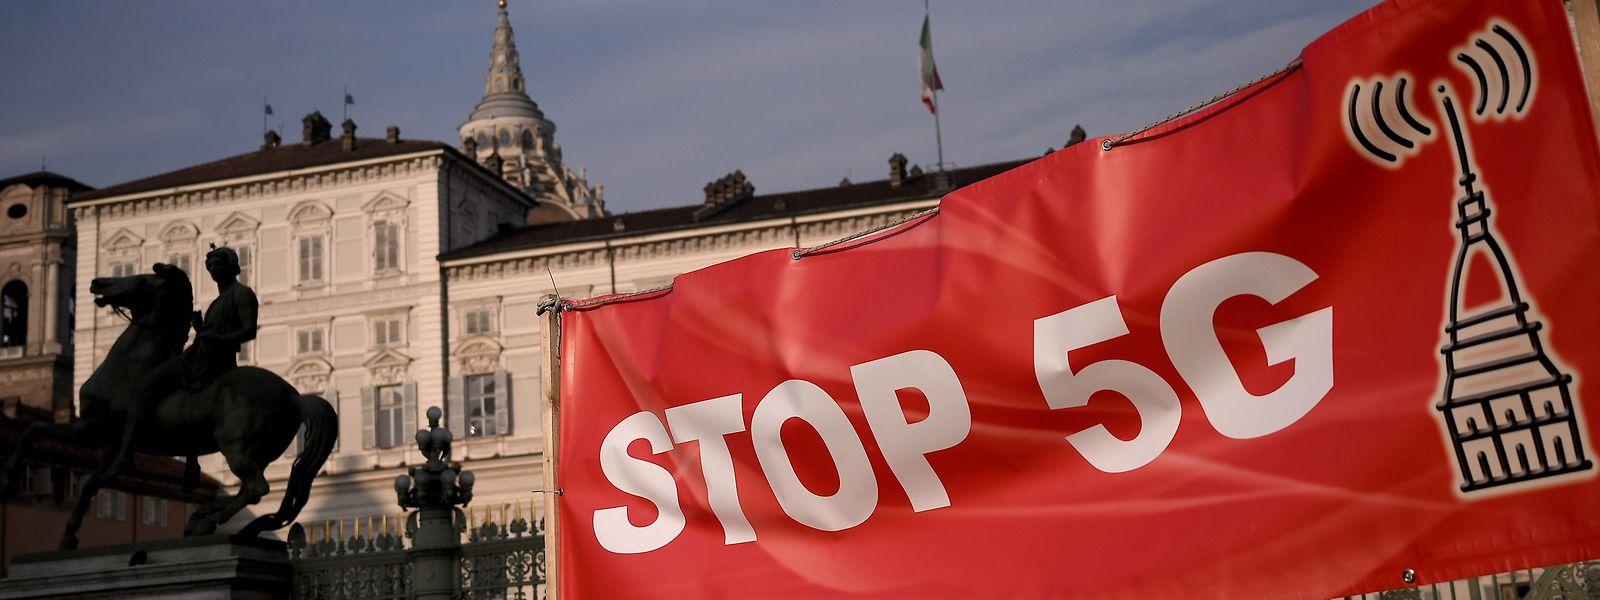 Le 25 janvier, lors de la Journée mondiale contre le déploiement de la 5G, les manifestants avaient réclamé des moratoires et la création de zones blanches dénuées d'ondes.